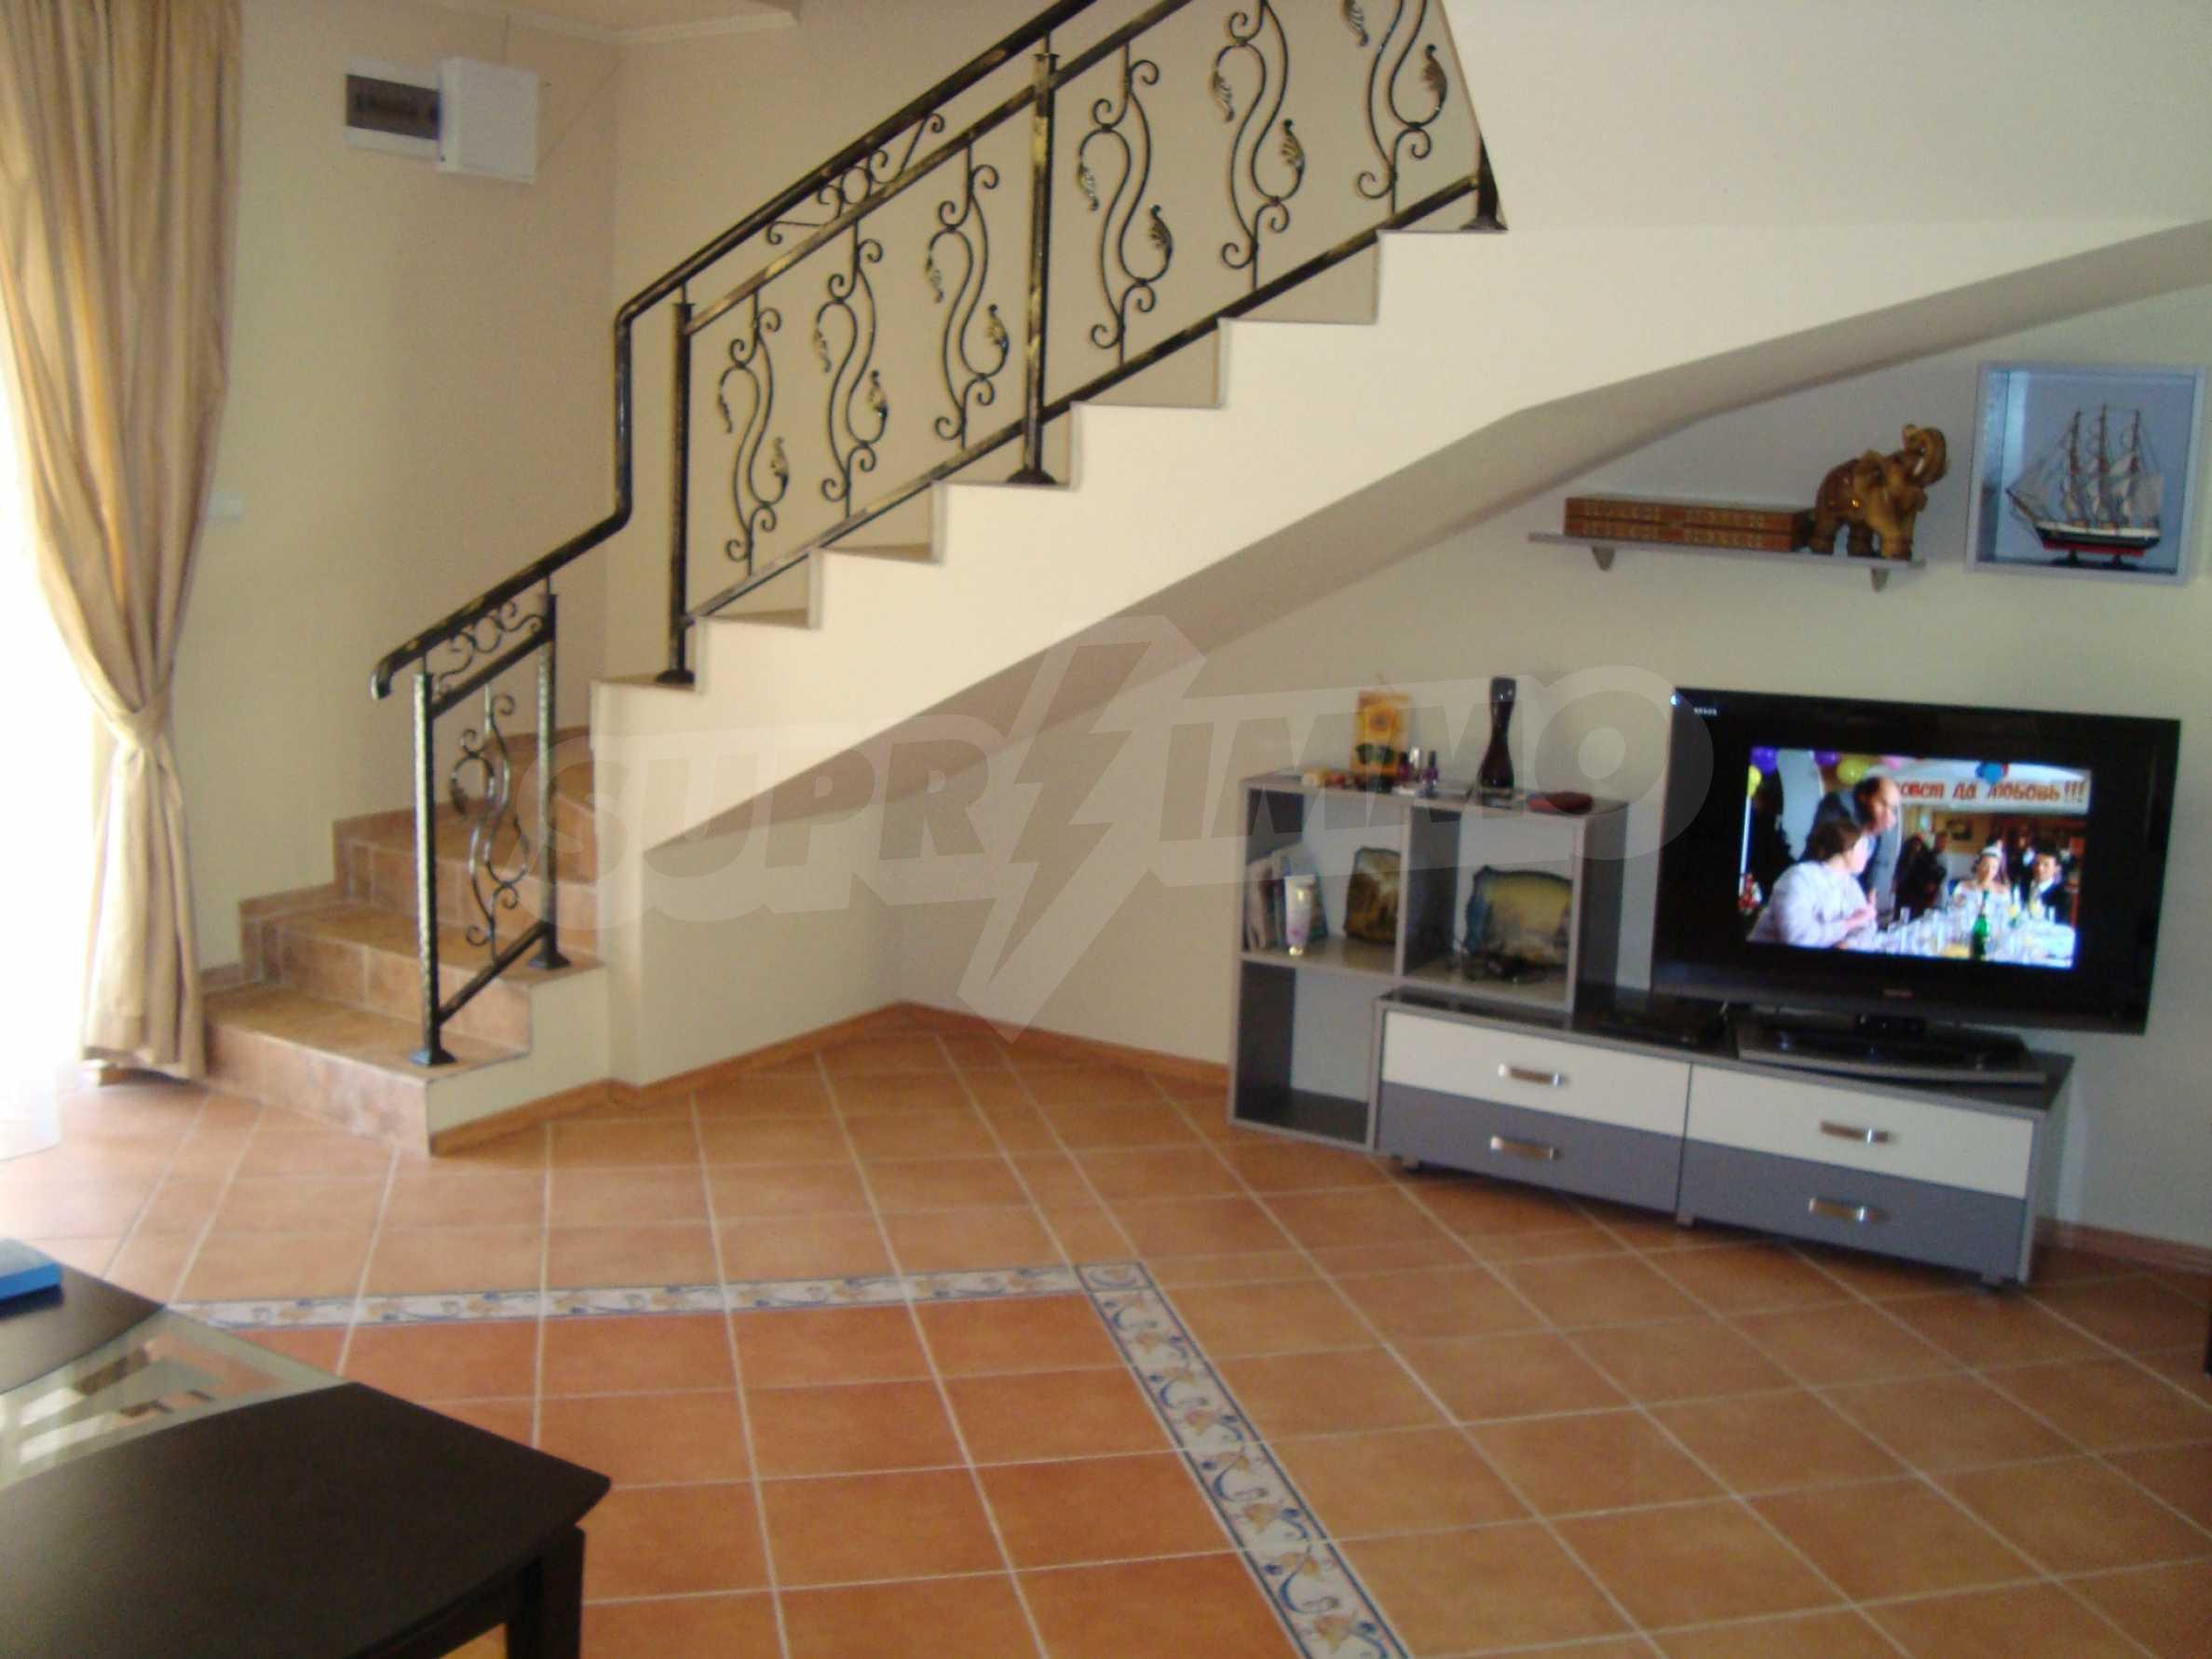 2-stöckige Villa zum Verkauf in Elenite Feriendorf, 11